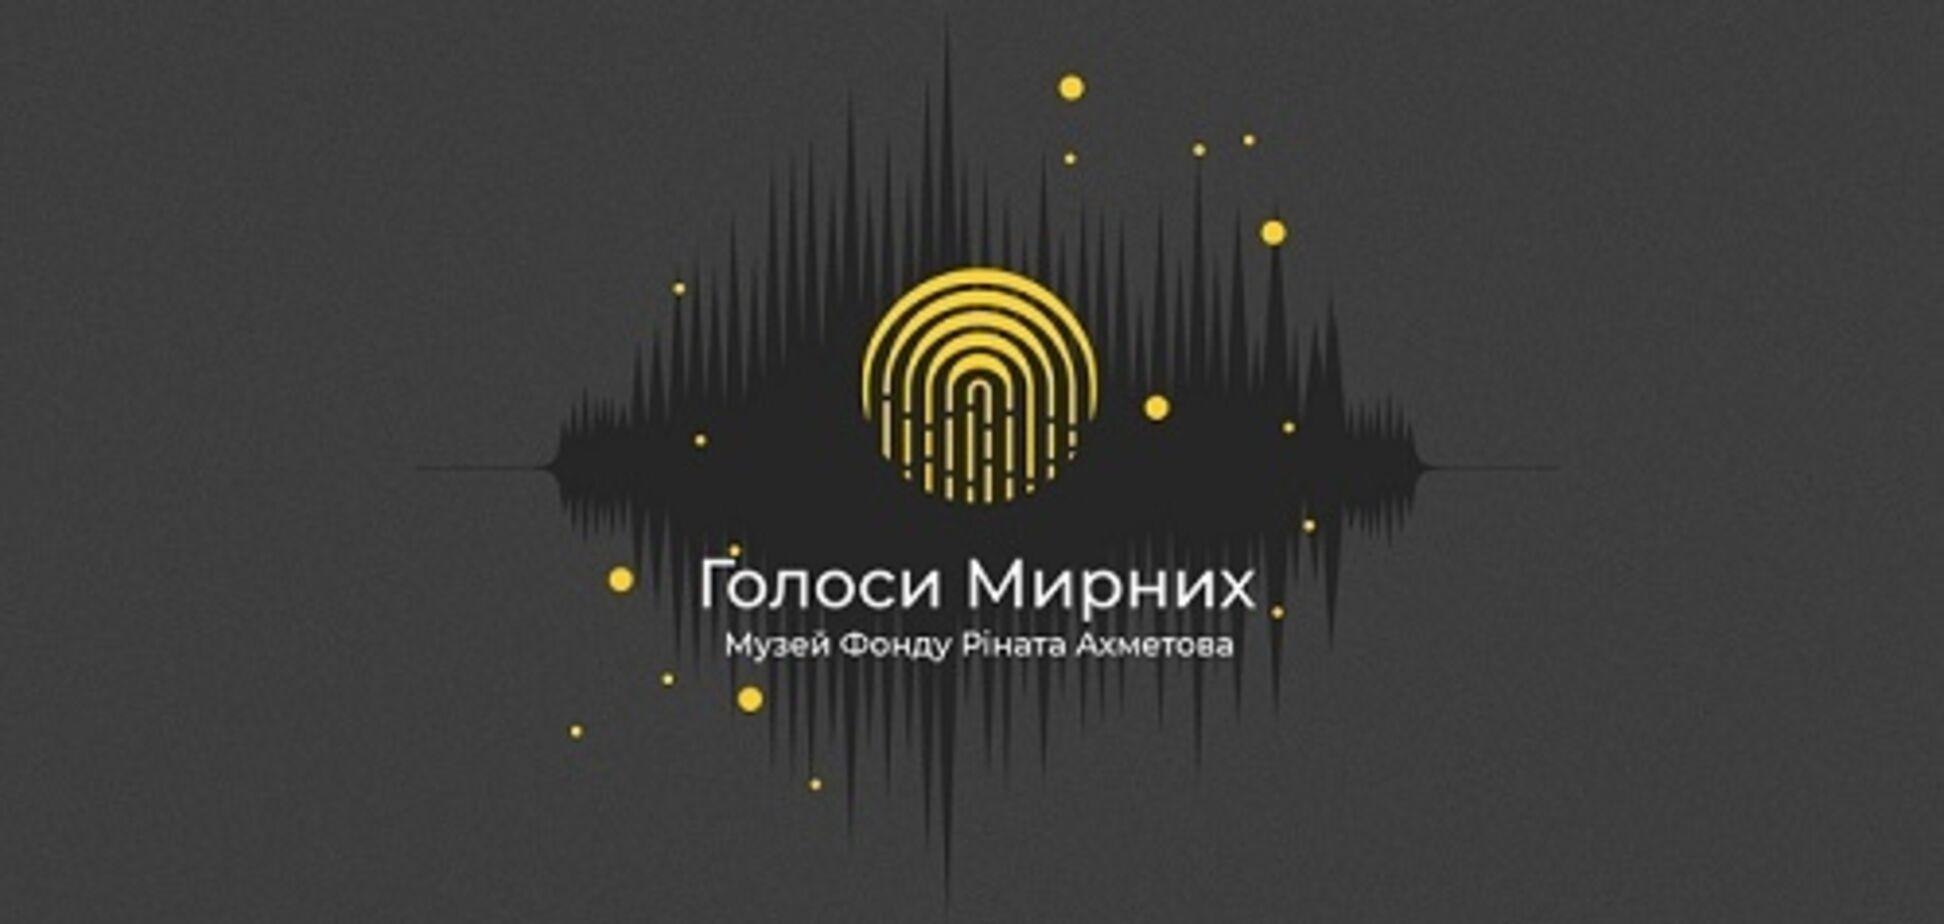 ДТЭК присоединился к проекту 'Голоса Мирных'